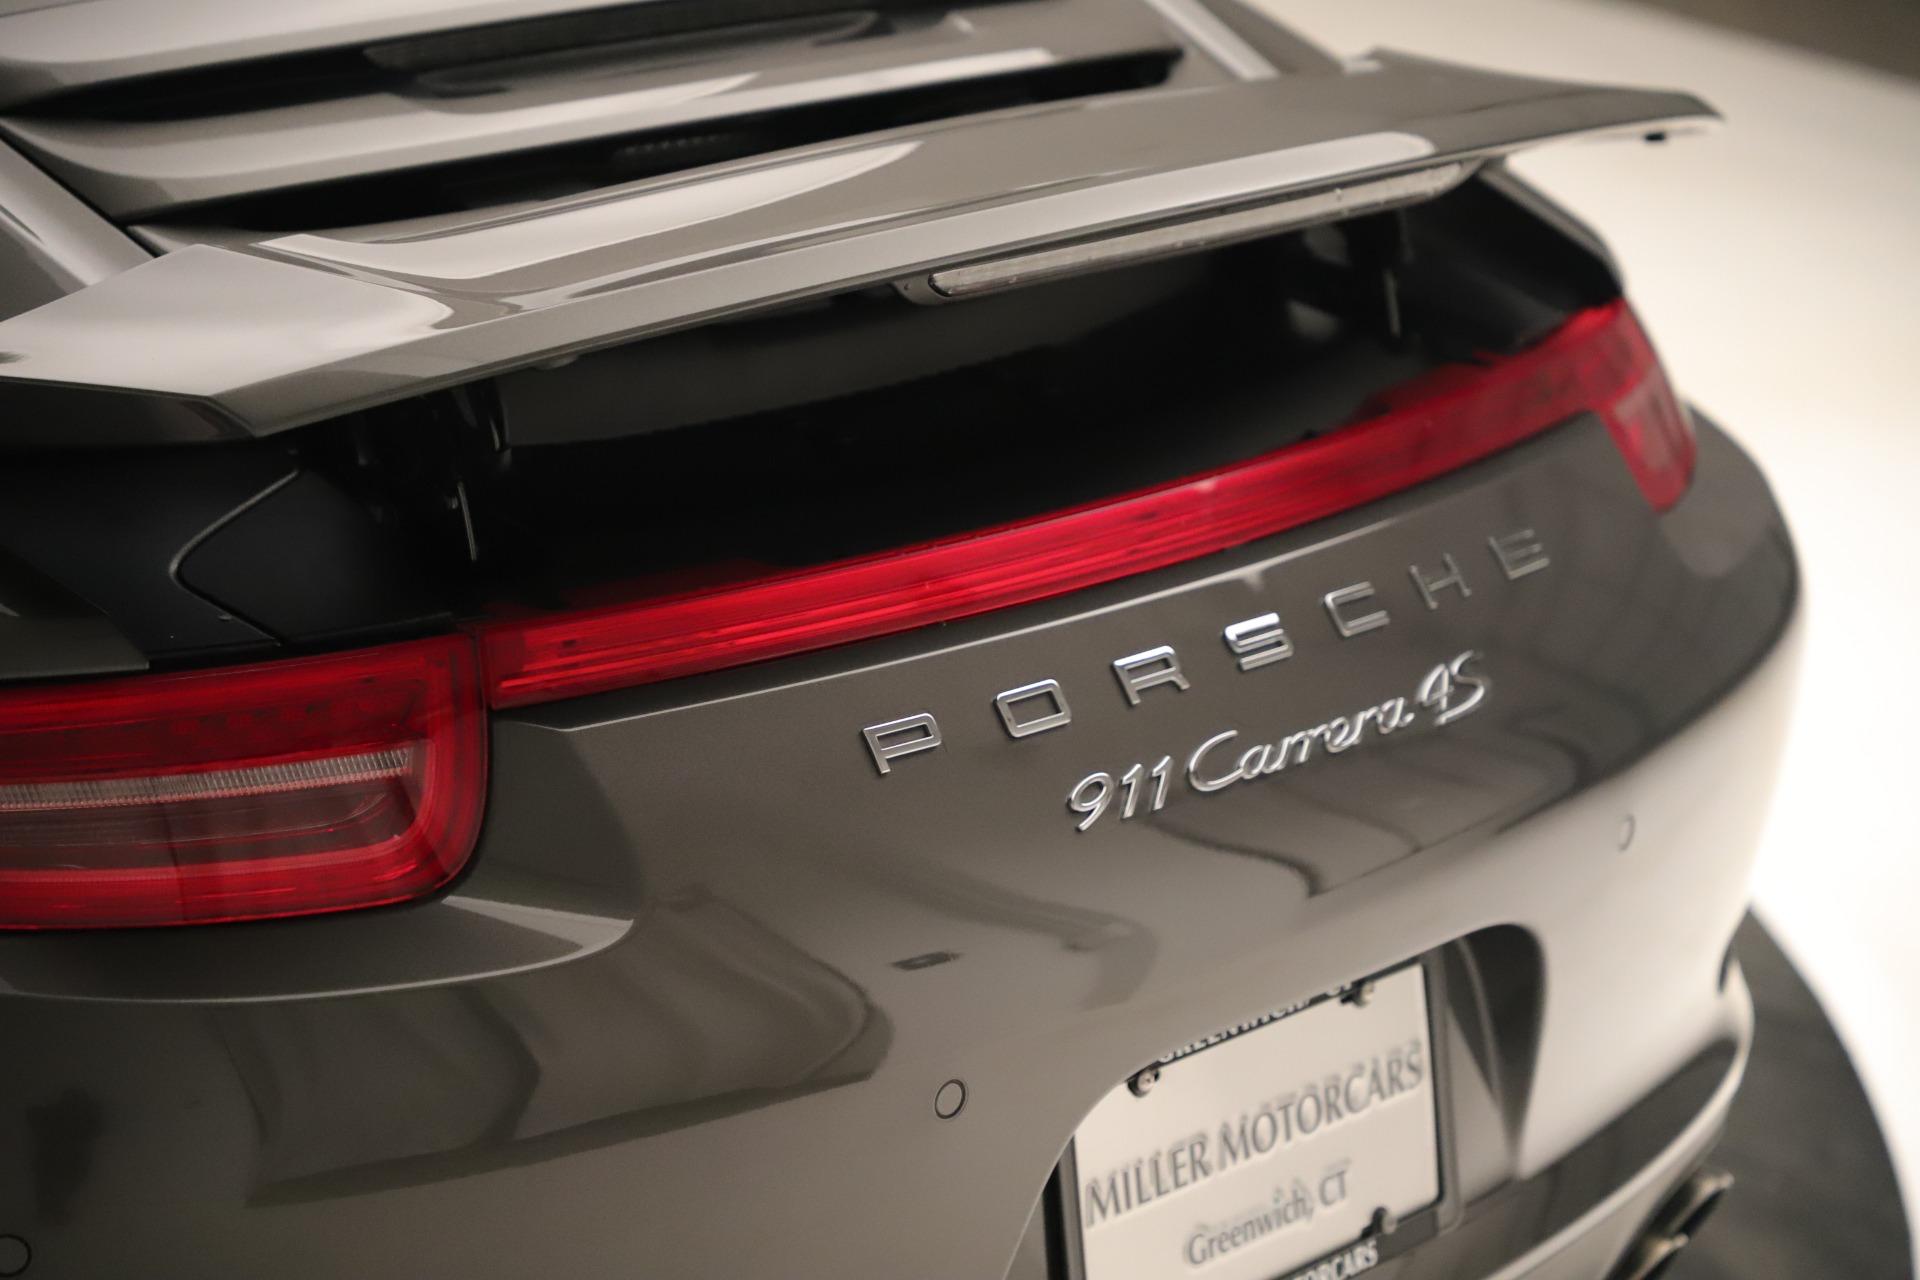 Used 2015 Porsche 911 Carrera 4S For Sale In Greenwich, CT 3383_p31